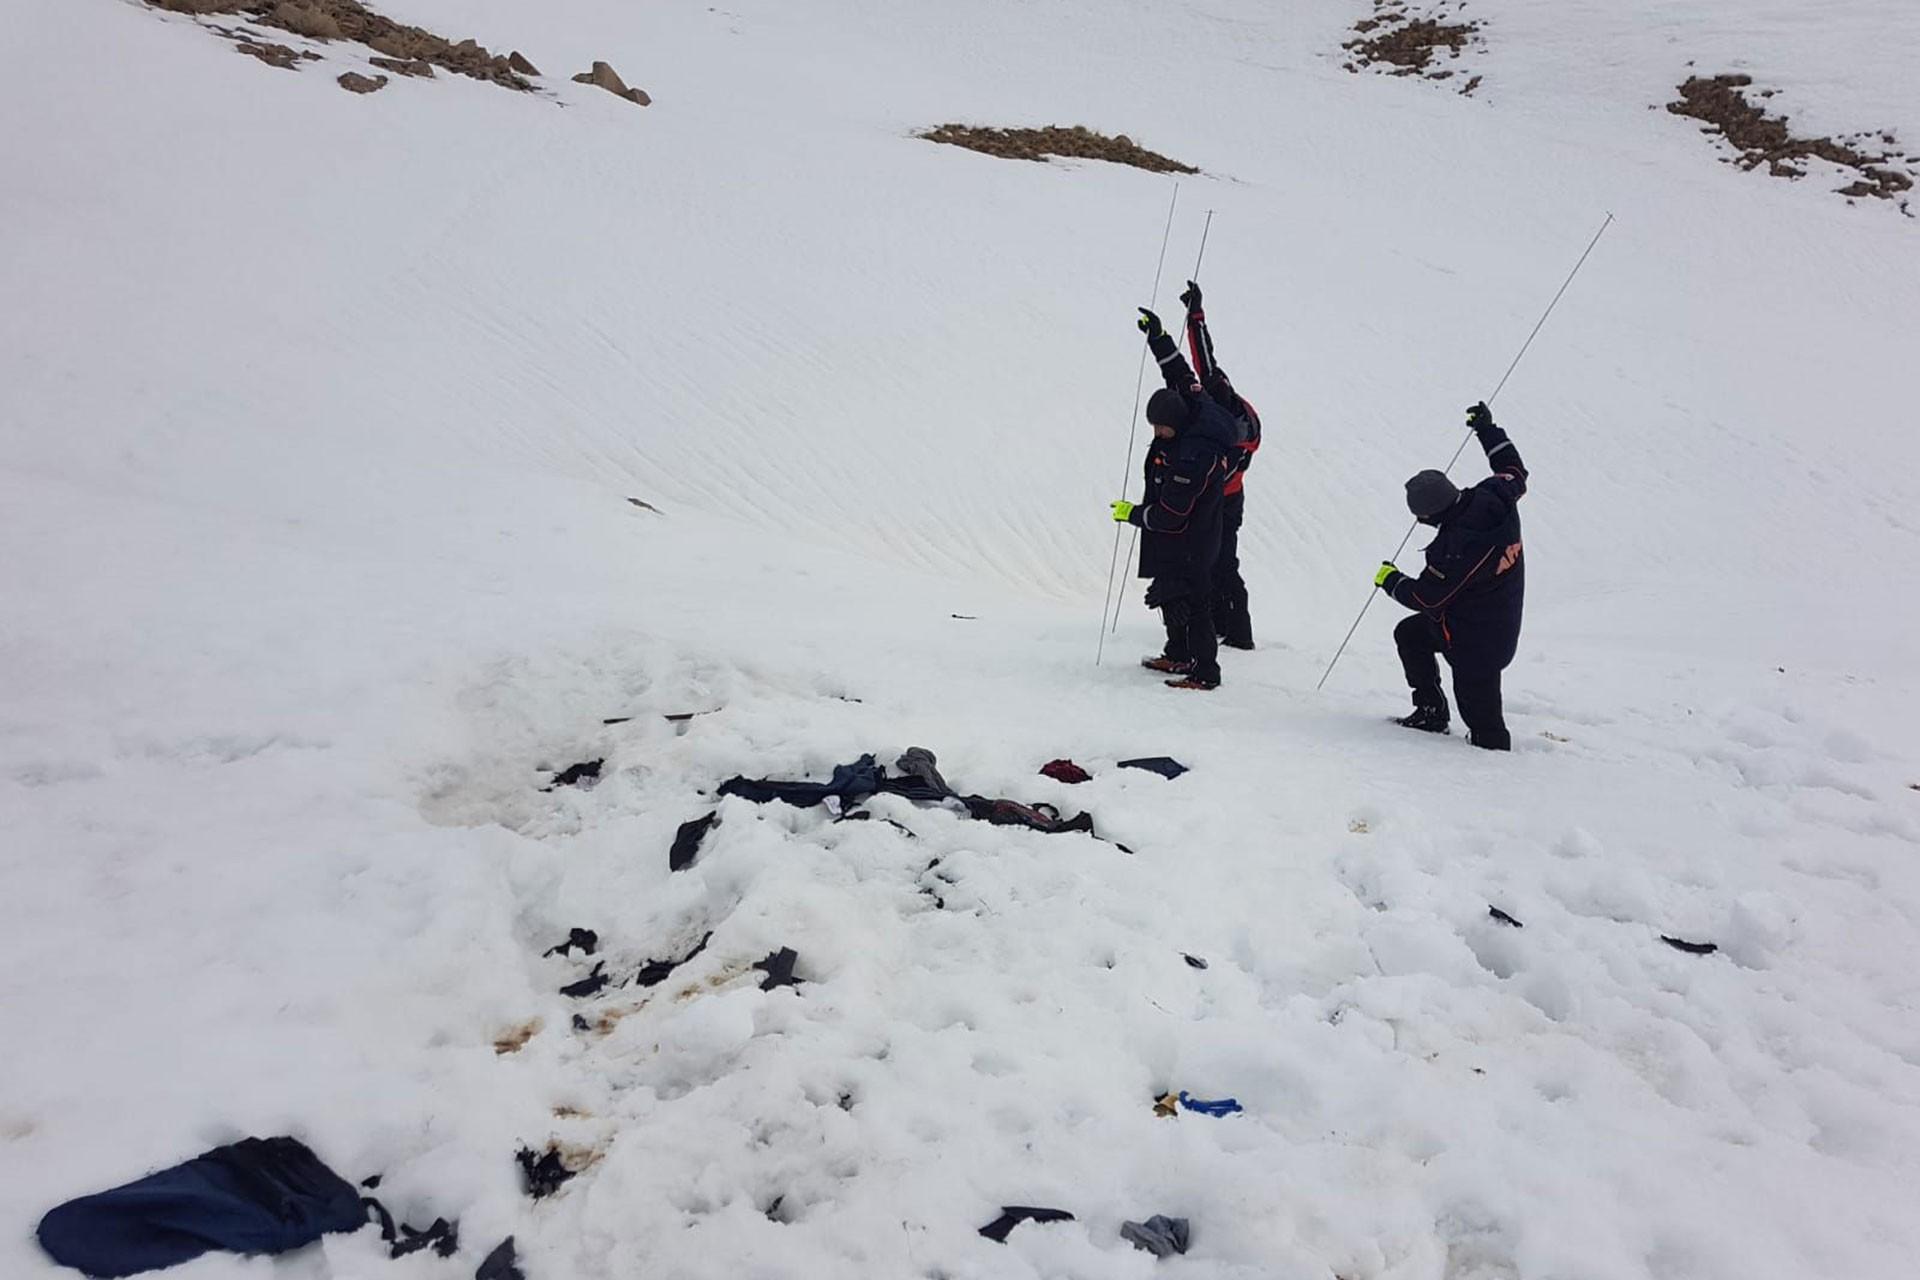 Üç AFAD çalışanı kar altındaki mültecileri çıkarıyor